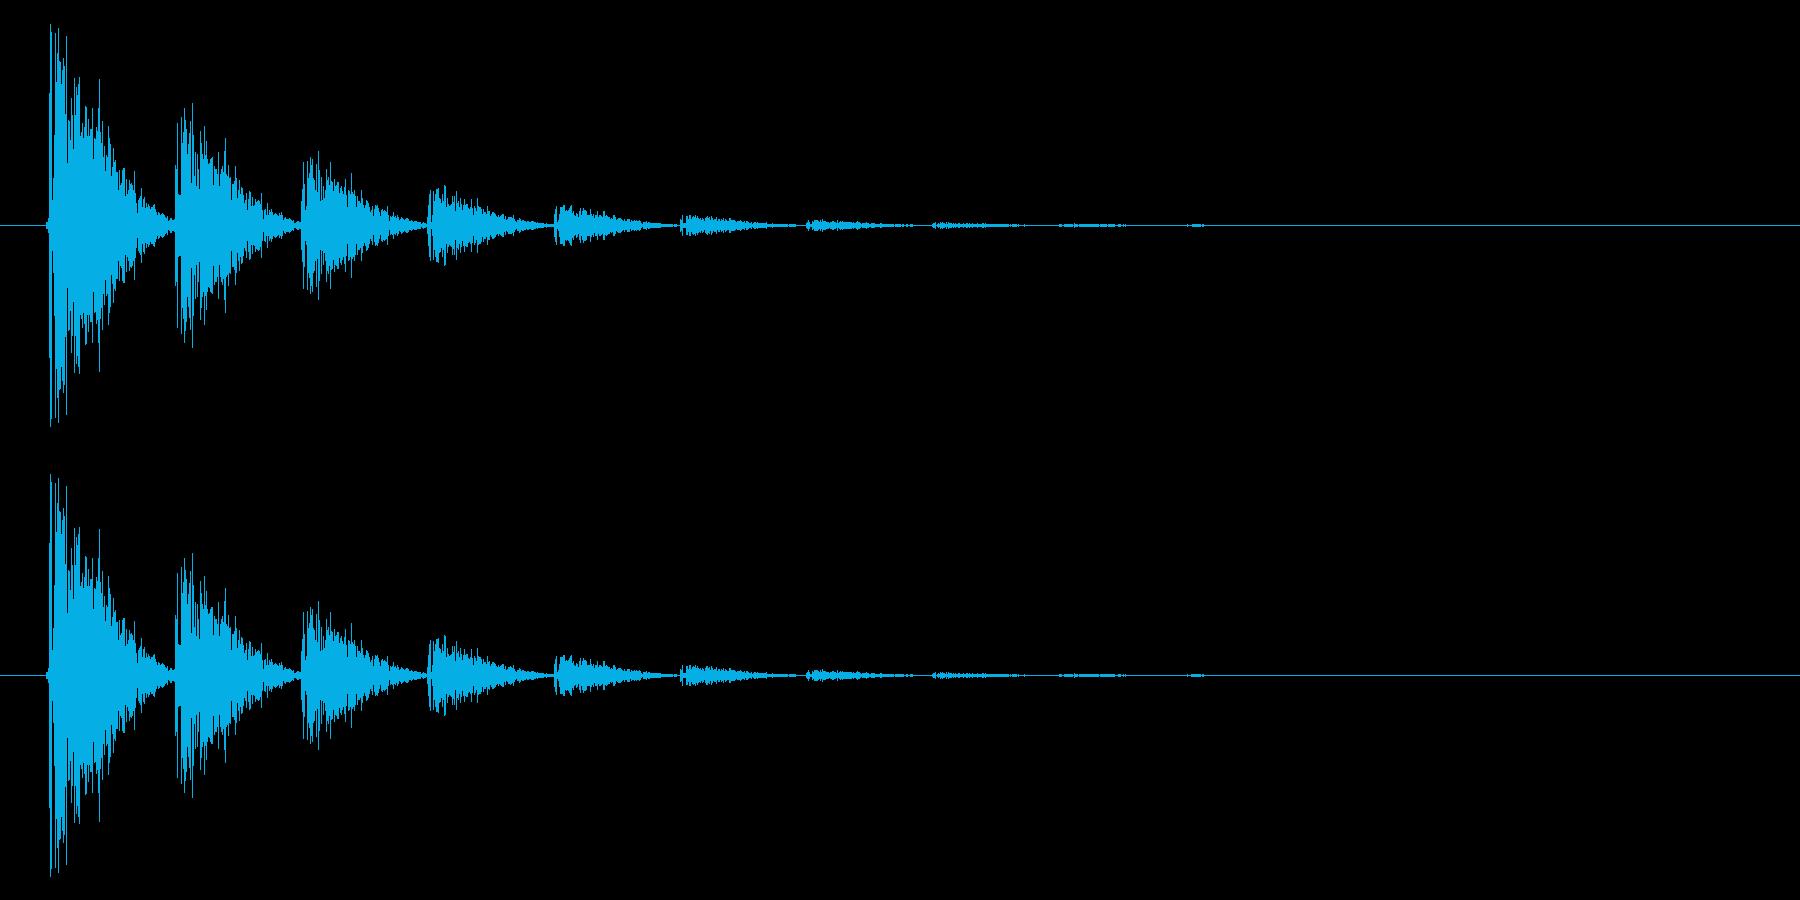 打撃08-6の再生済みの波形